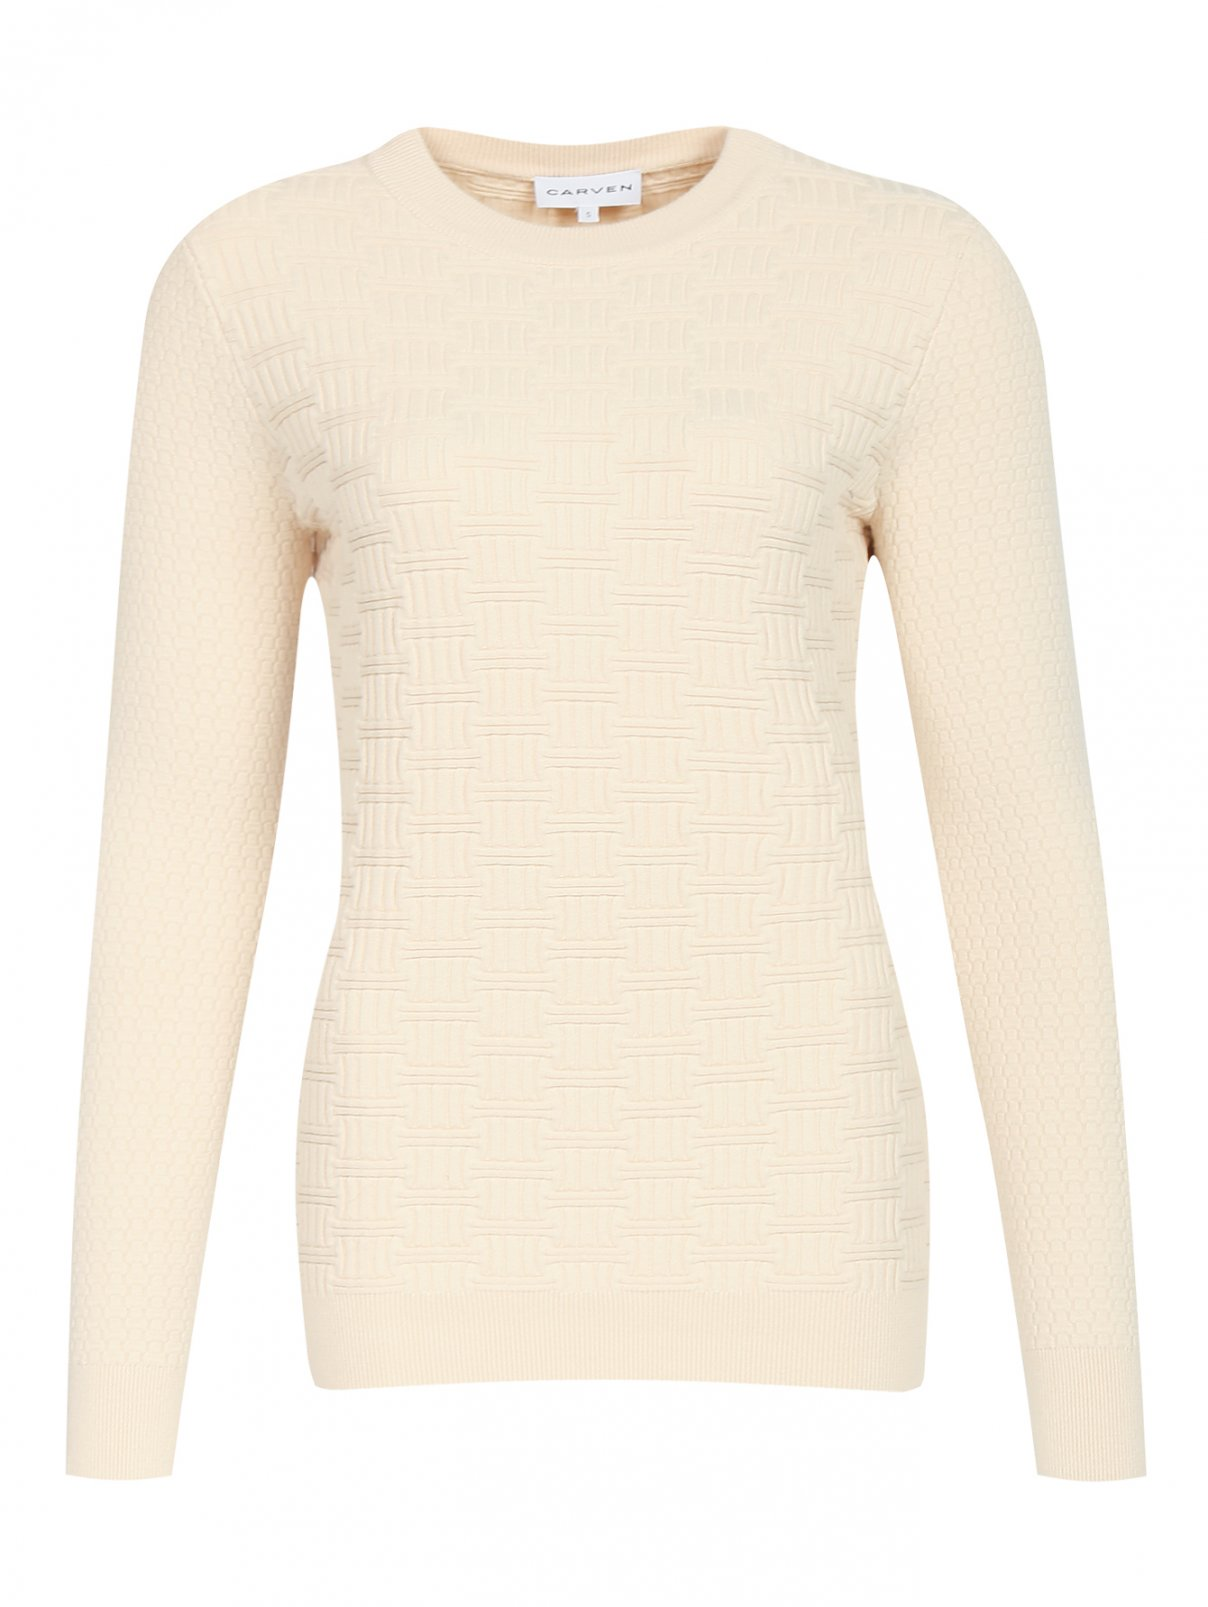 Джемпер из хлопка и шерсти фактурной вязки Carven  –  Общий вид